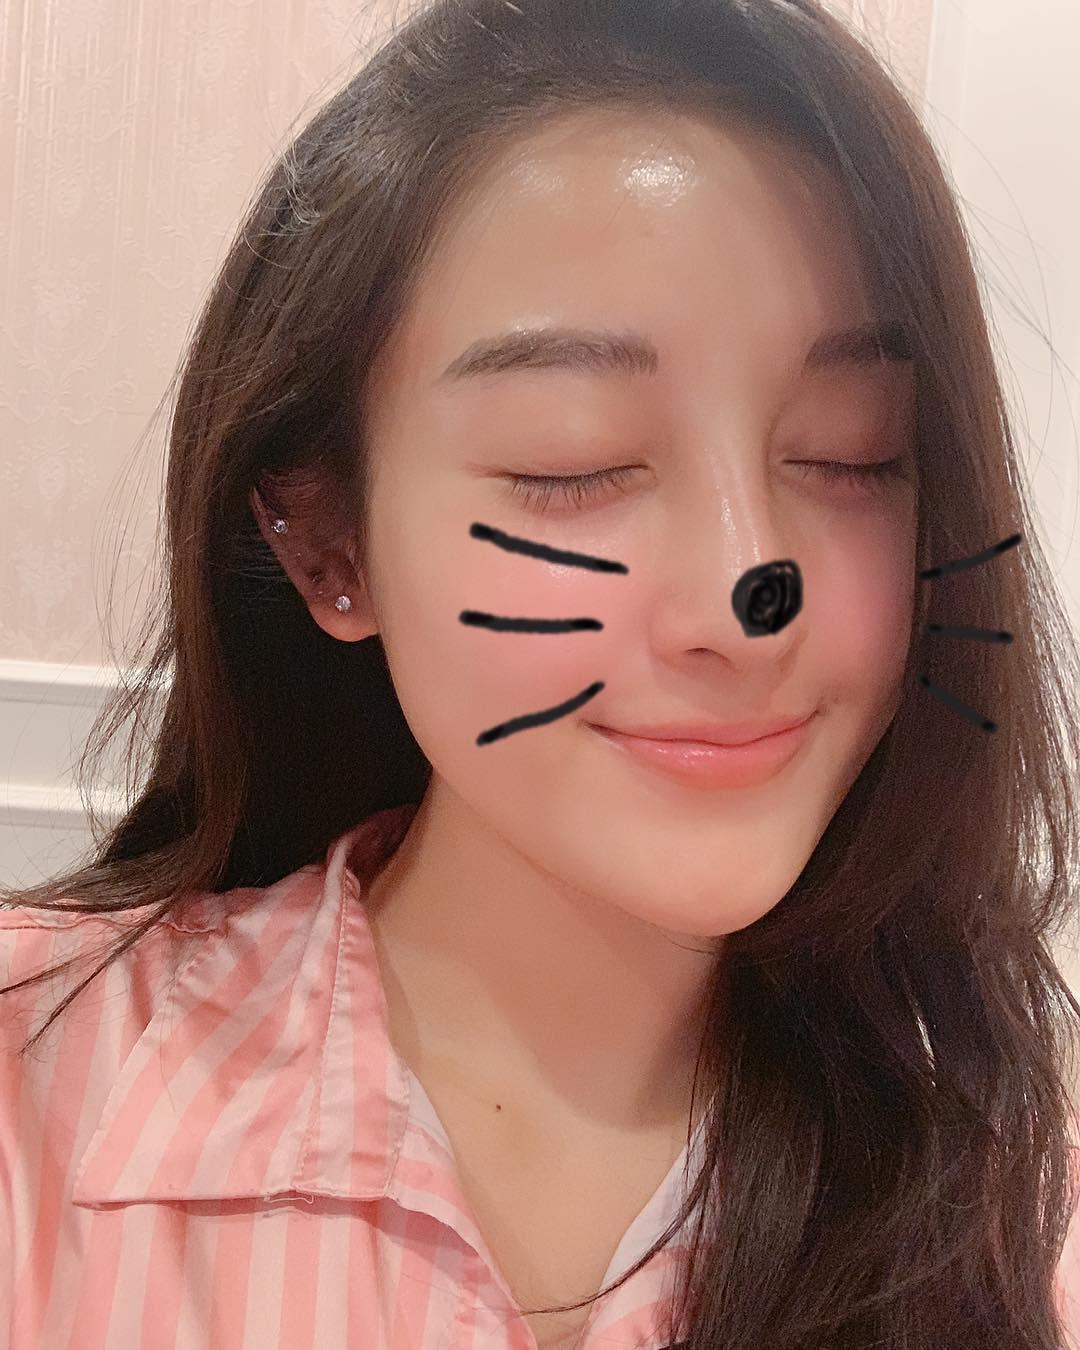 Tâm sự mỏng với fan, Huyền My hé lộ điểm tuyệt phẩm trên gương mặt nhưng bị làm hại do makeup quá nhiều - Ảnh 1.